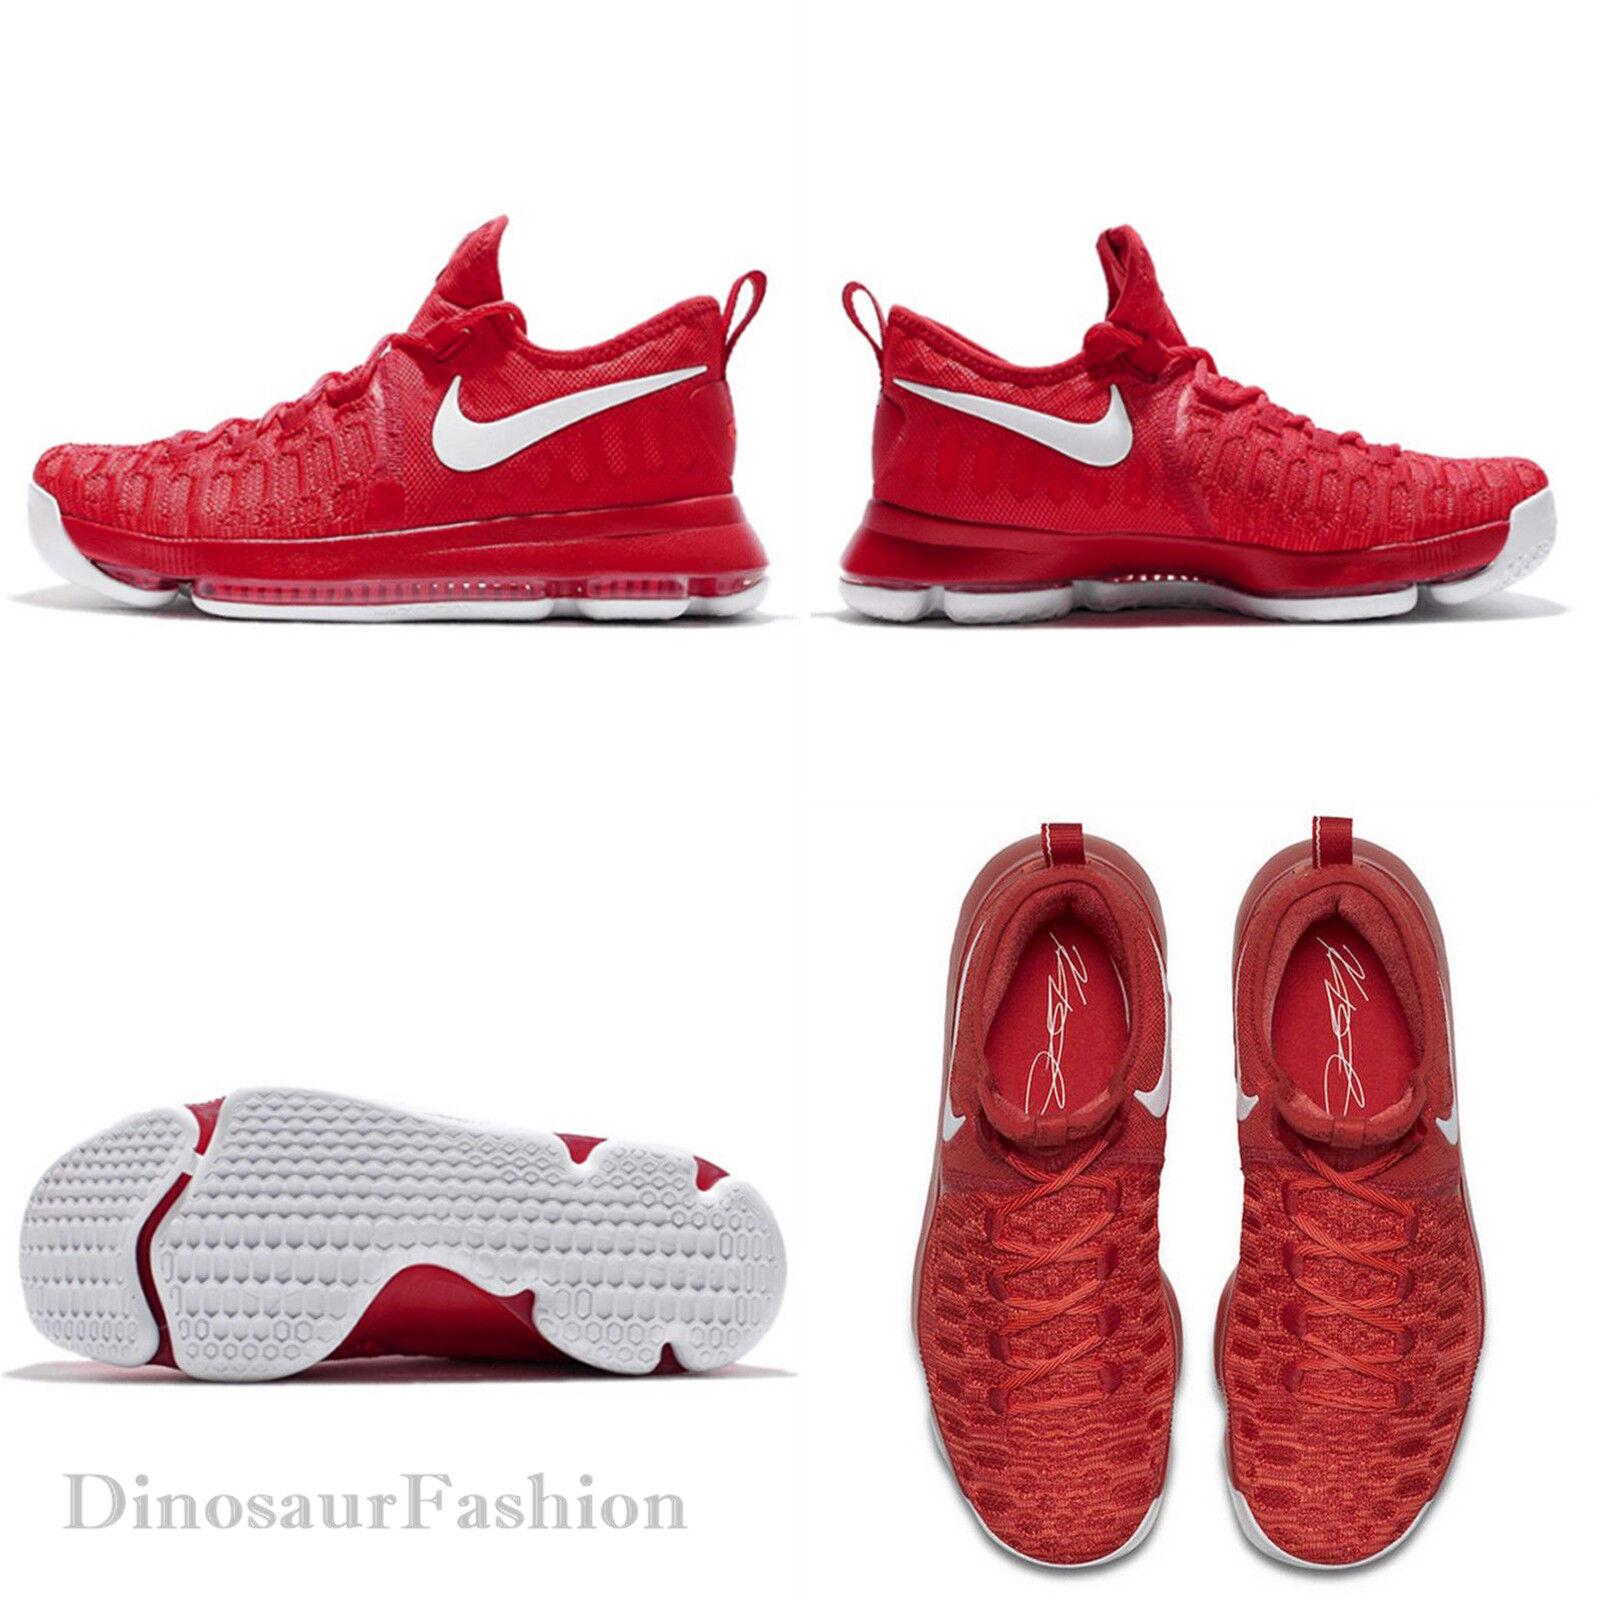 DE LOS HOMBRES baloncesto, NIKE ZOOM KD9 (843392-611) Zapatos de baloncesto, HOMBRES KEVIN DURANT, nueva con caja. e03cc2